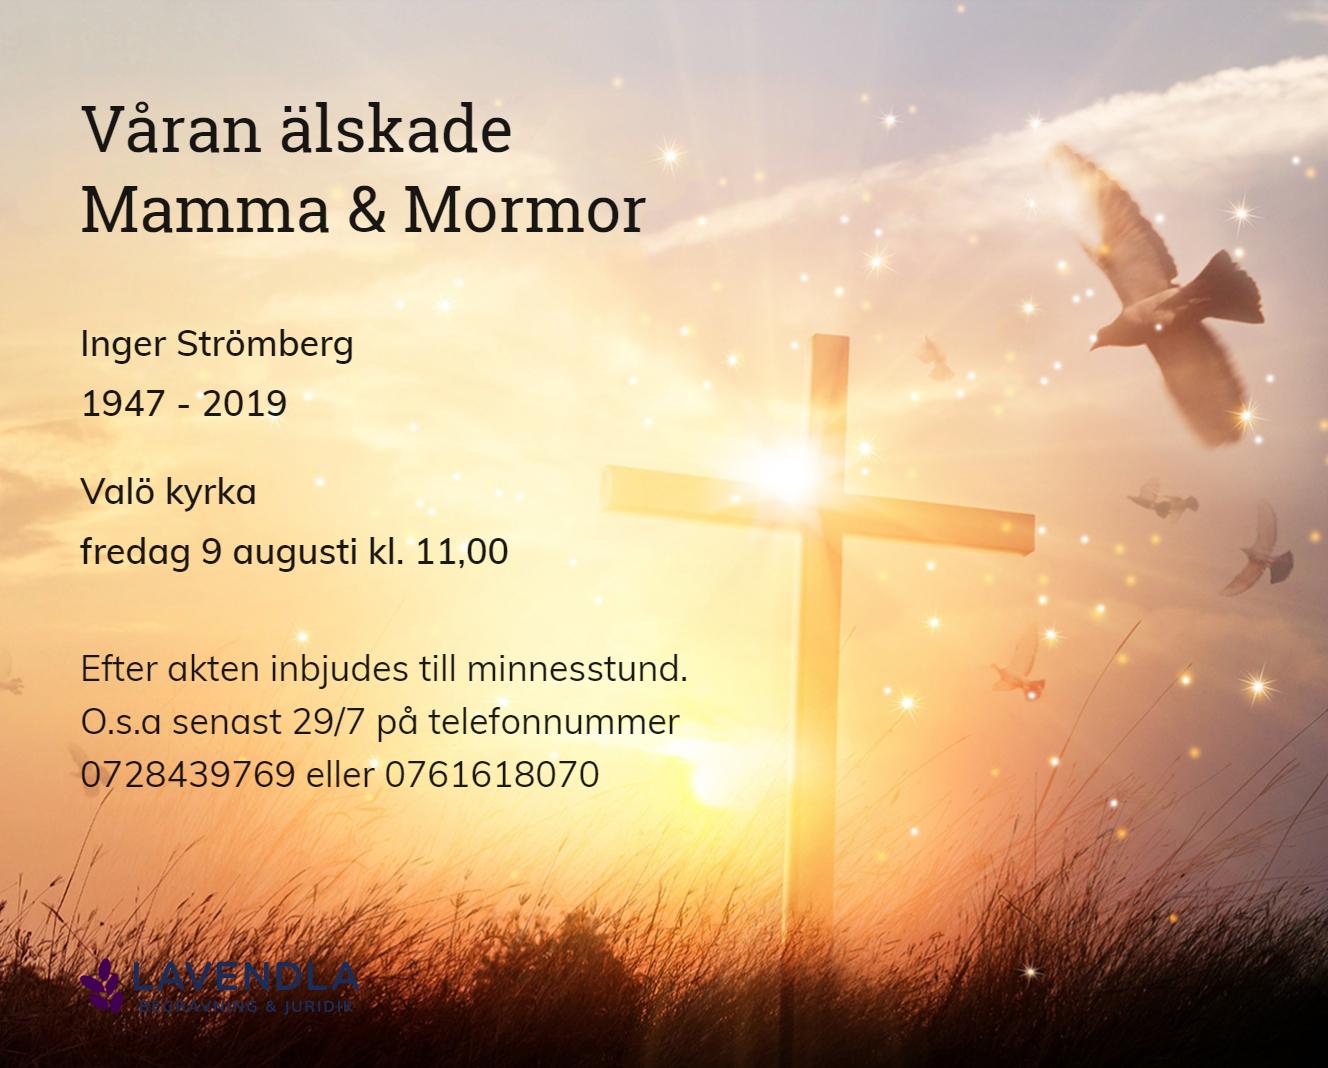 Inbjudningskort till ceremonin för Inger Strömberg